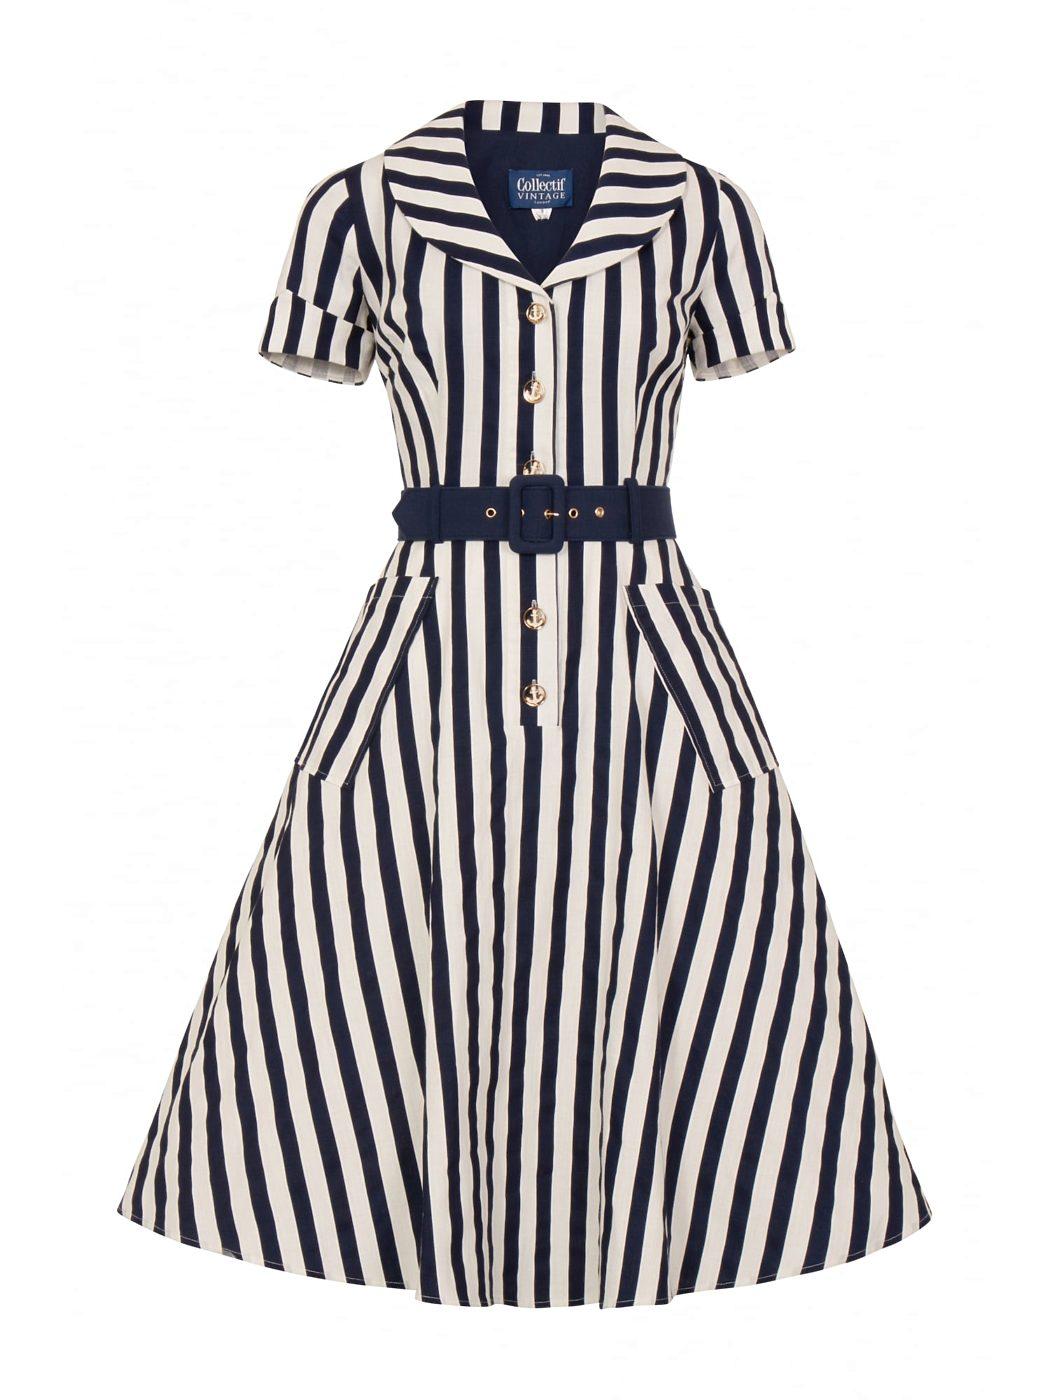 bc3dffb52f6a Košilové námořnické šaty Collectif Brette Collectif